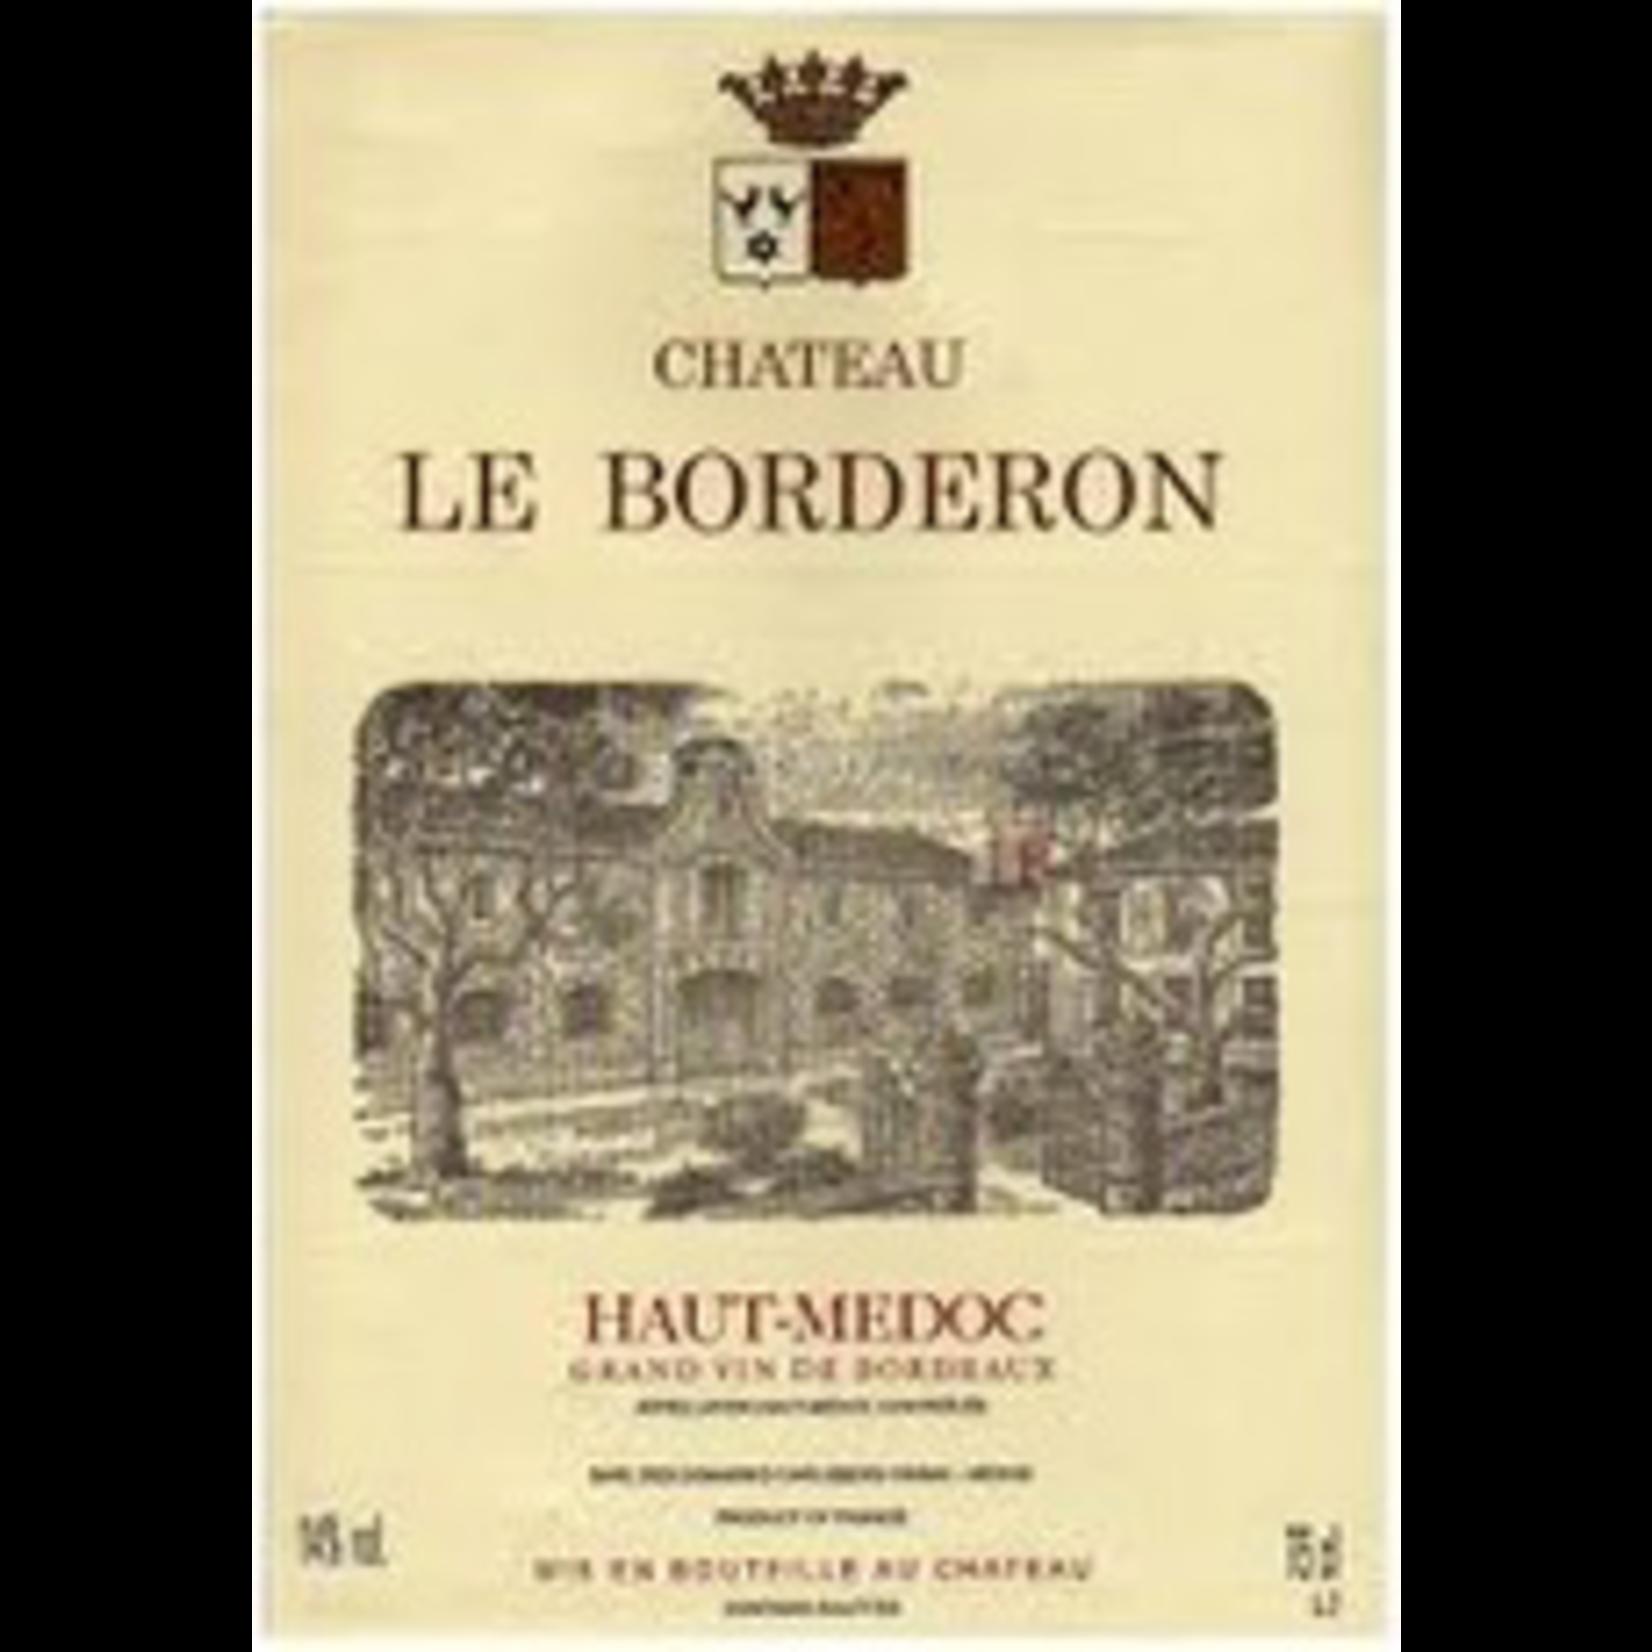 Wine Chateau Le Borderon 2015